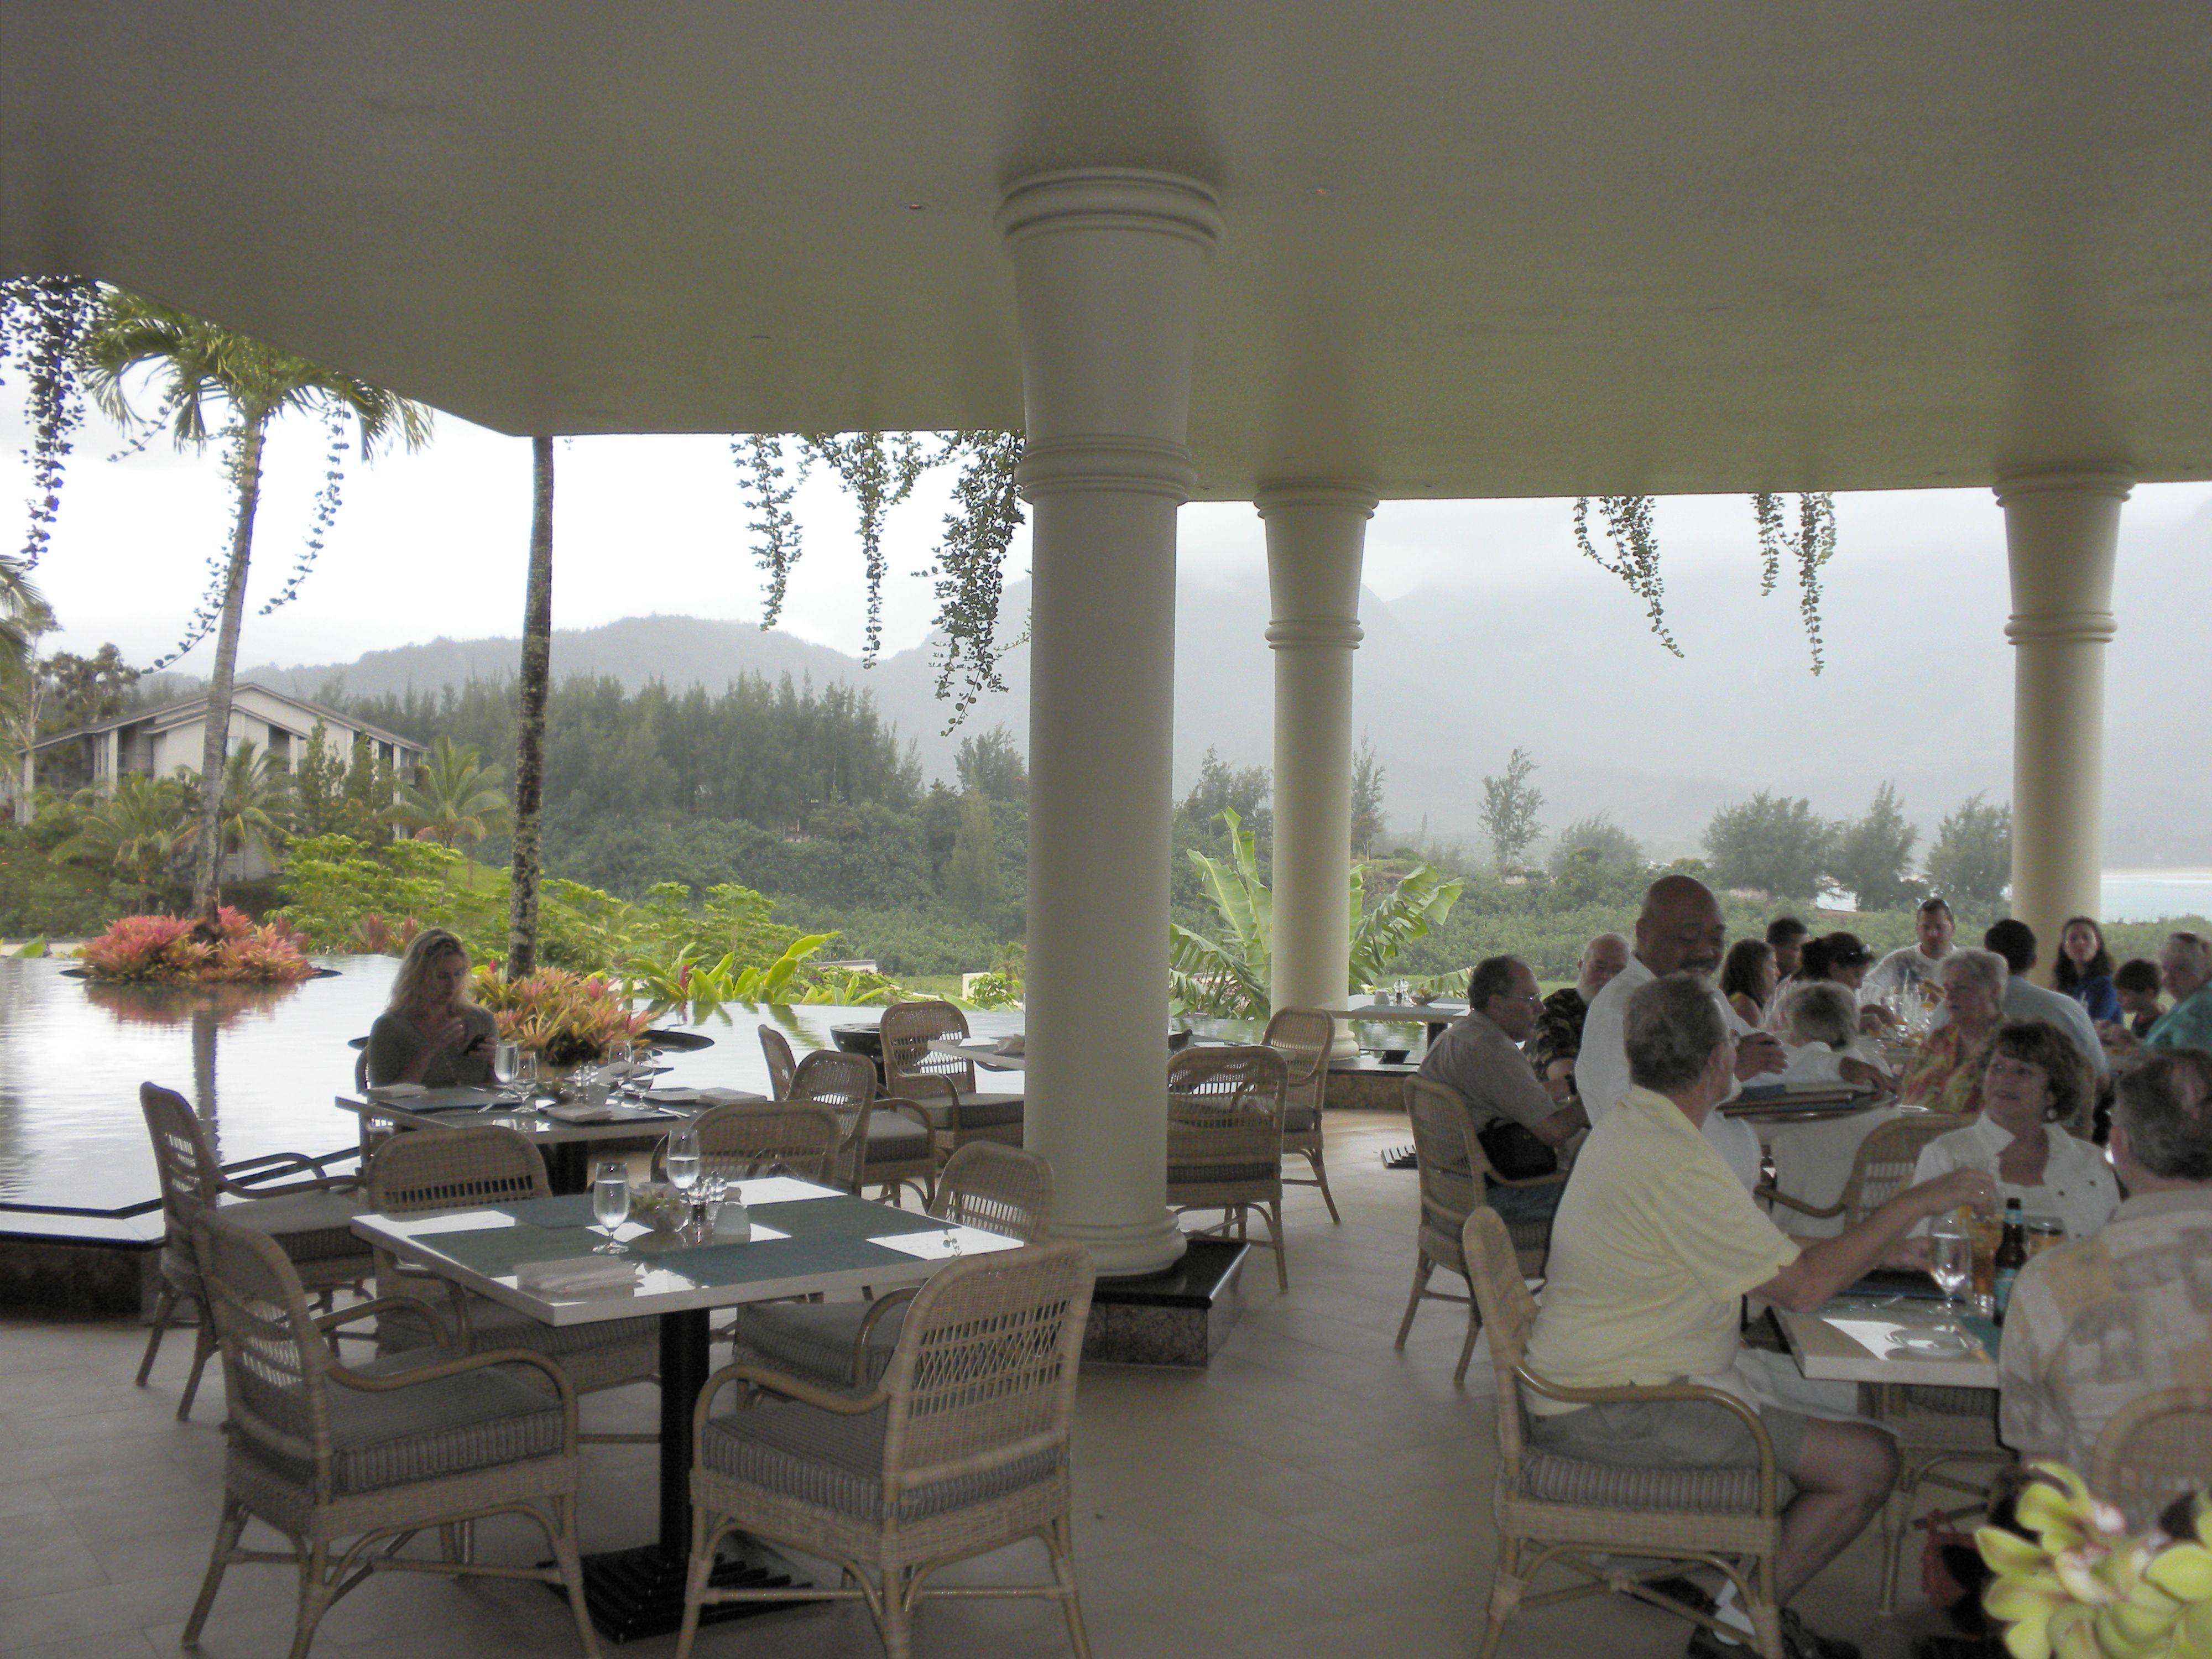 St Regis Princeville Resort Restaurant Overlooking